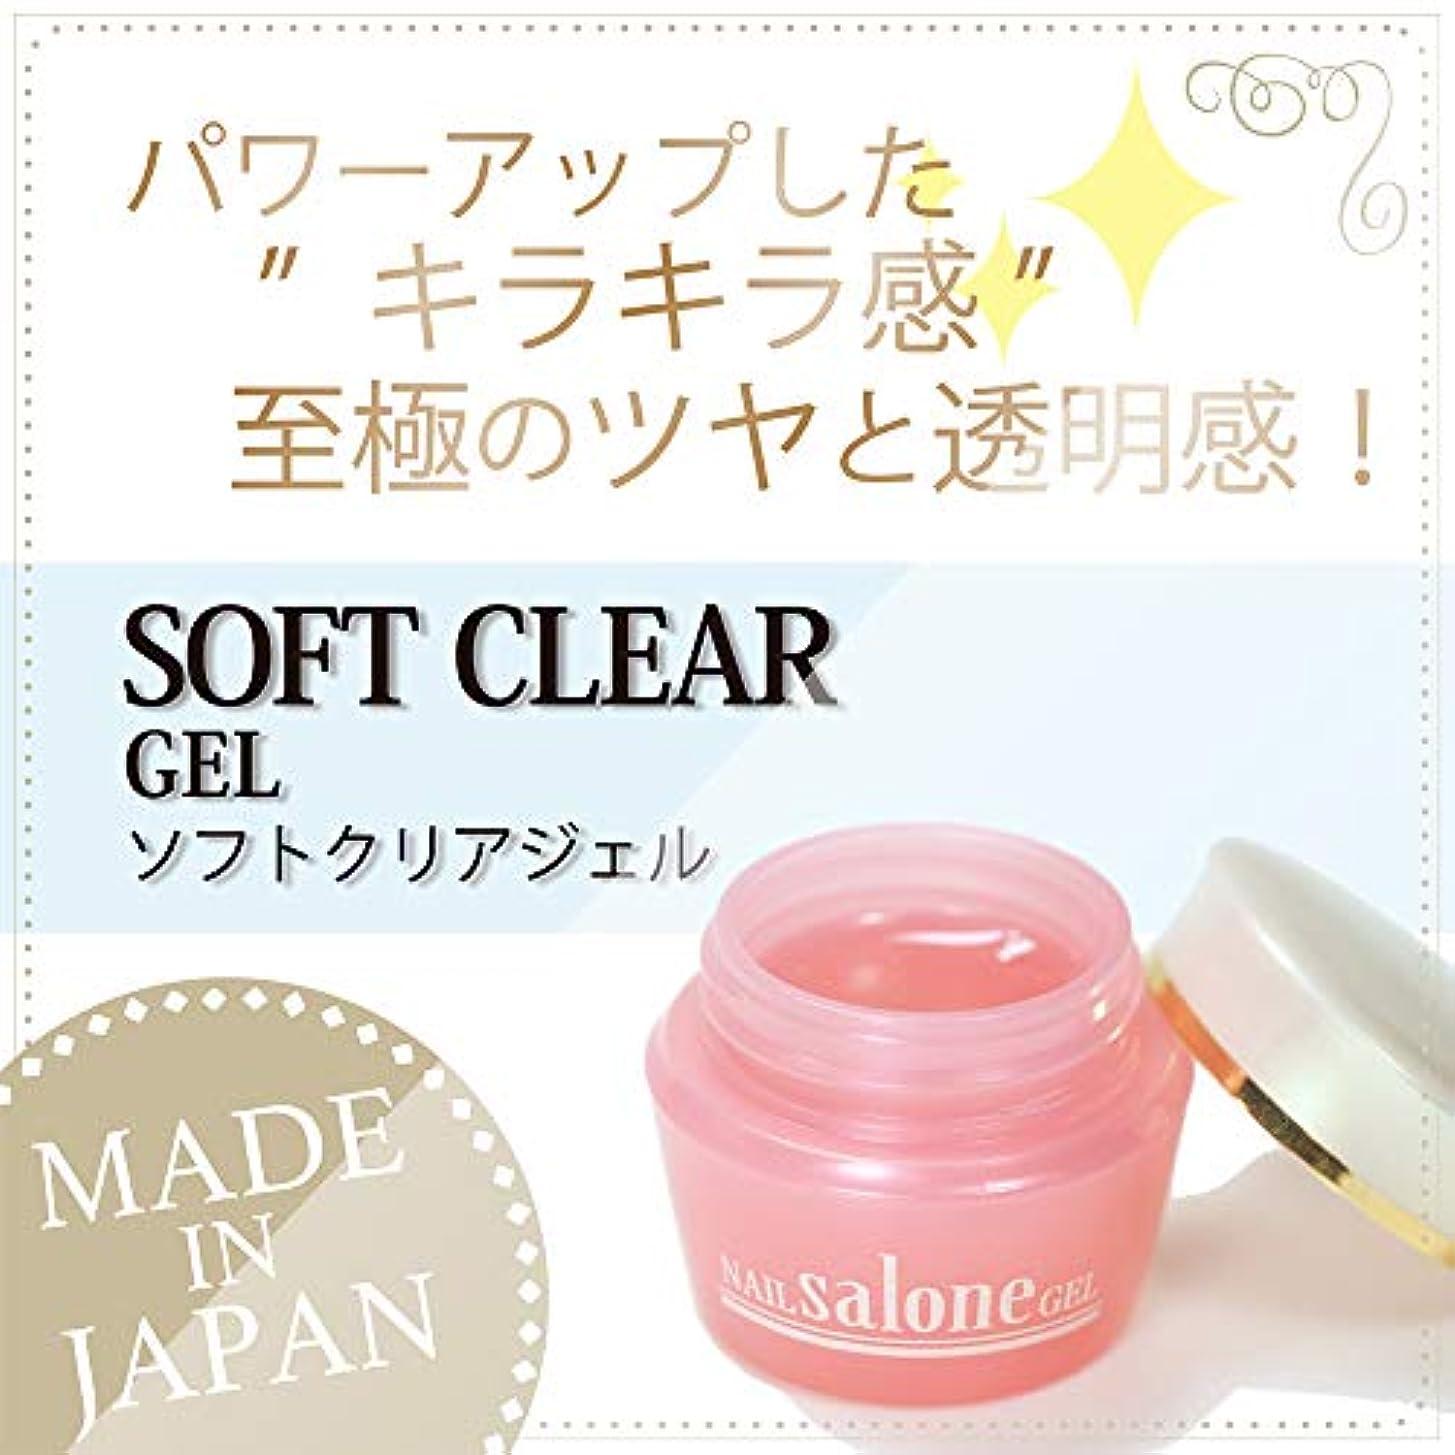 ギャンブル原始的な従来のSalone gel サローネ ソフトクリアージェル ツヤツヤ キラキラ感持続 抜群のツヤ 爪に優しい日本製 3g